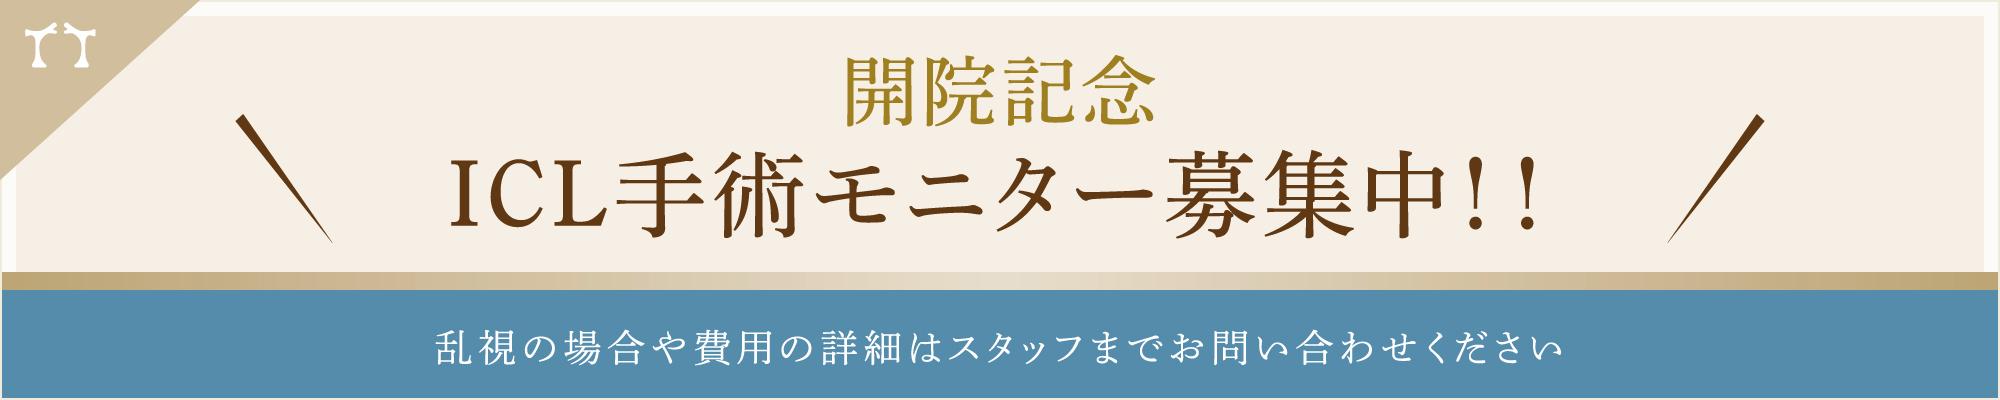 開院キャンペーン ICL手術モニター募集中